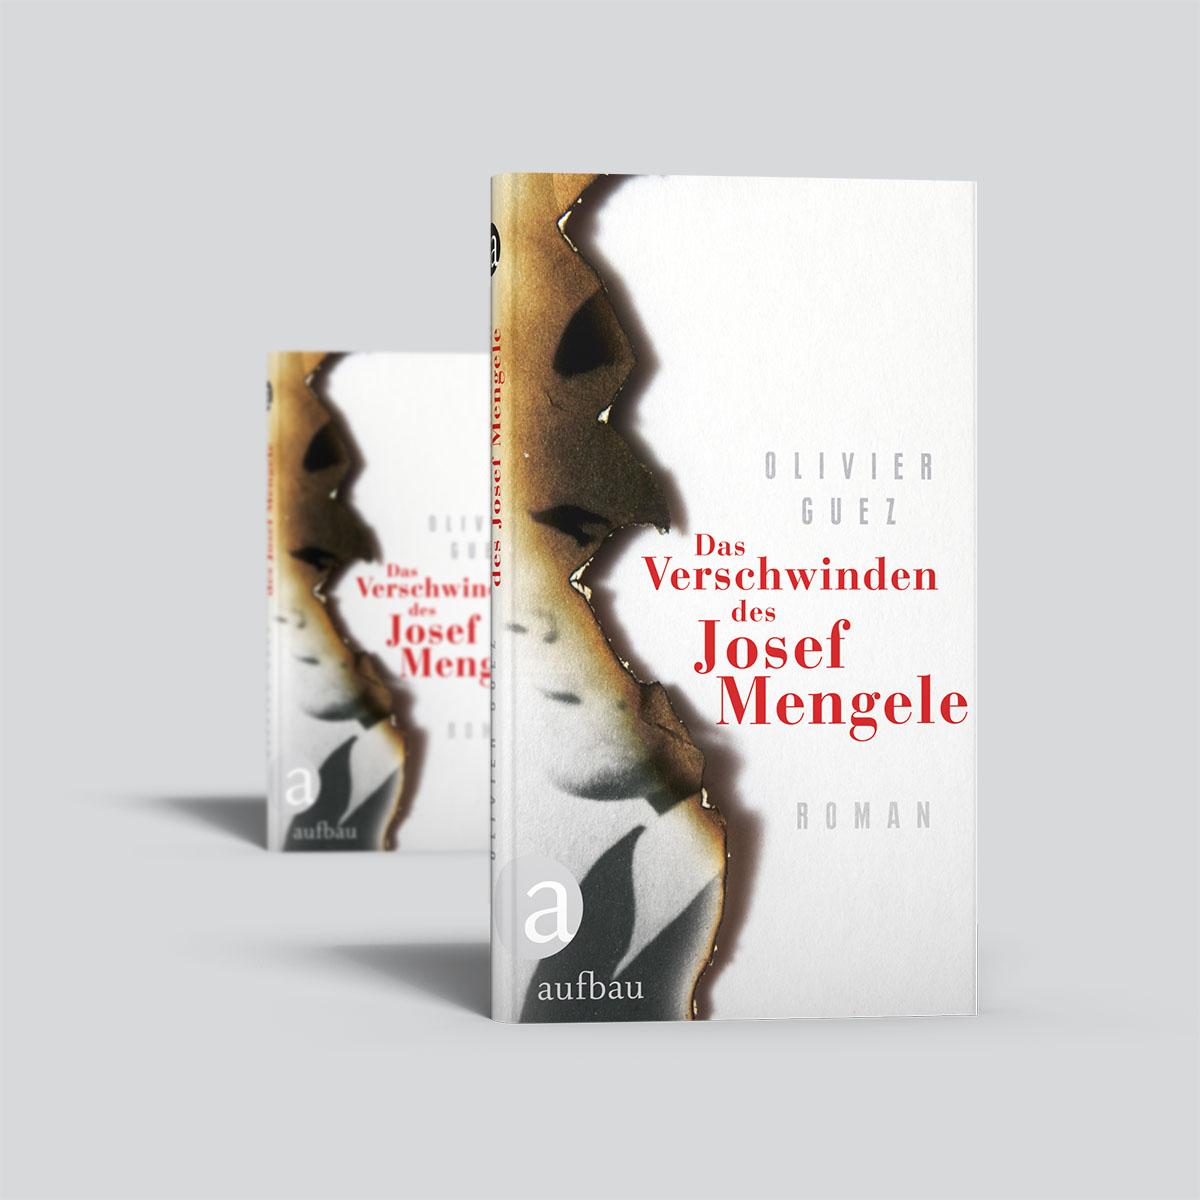 Guez_JosefMengele_03